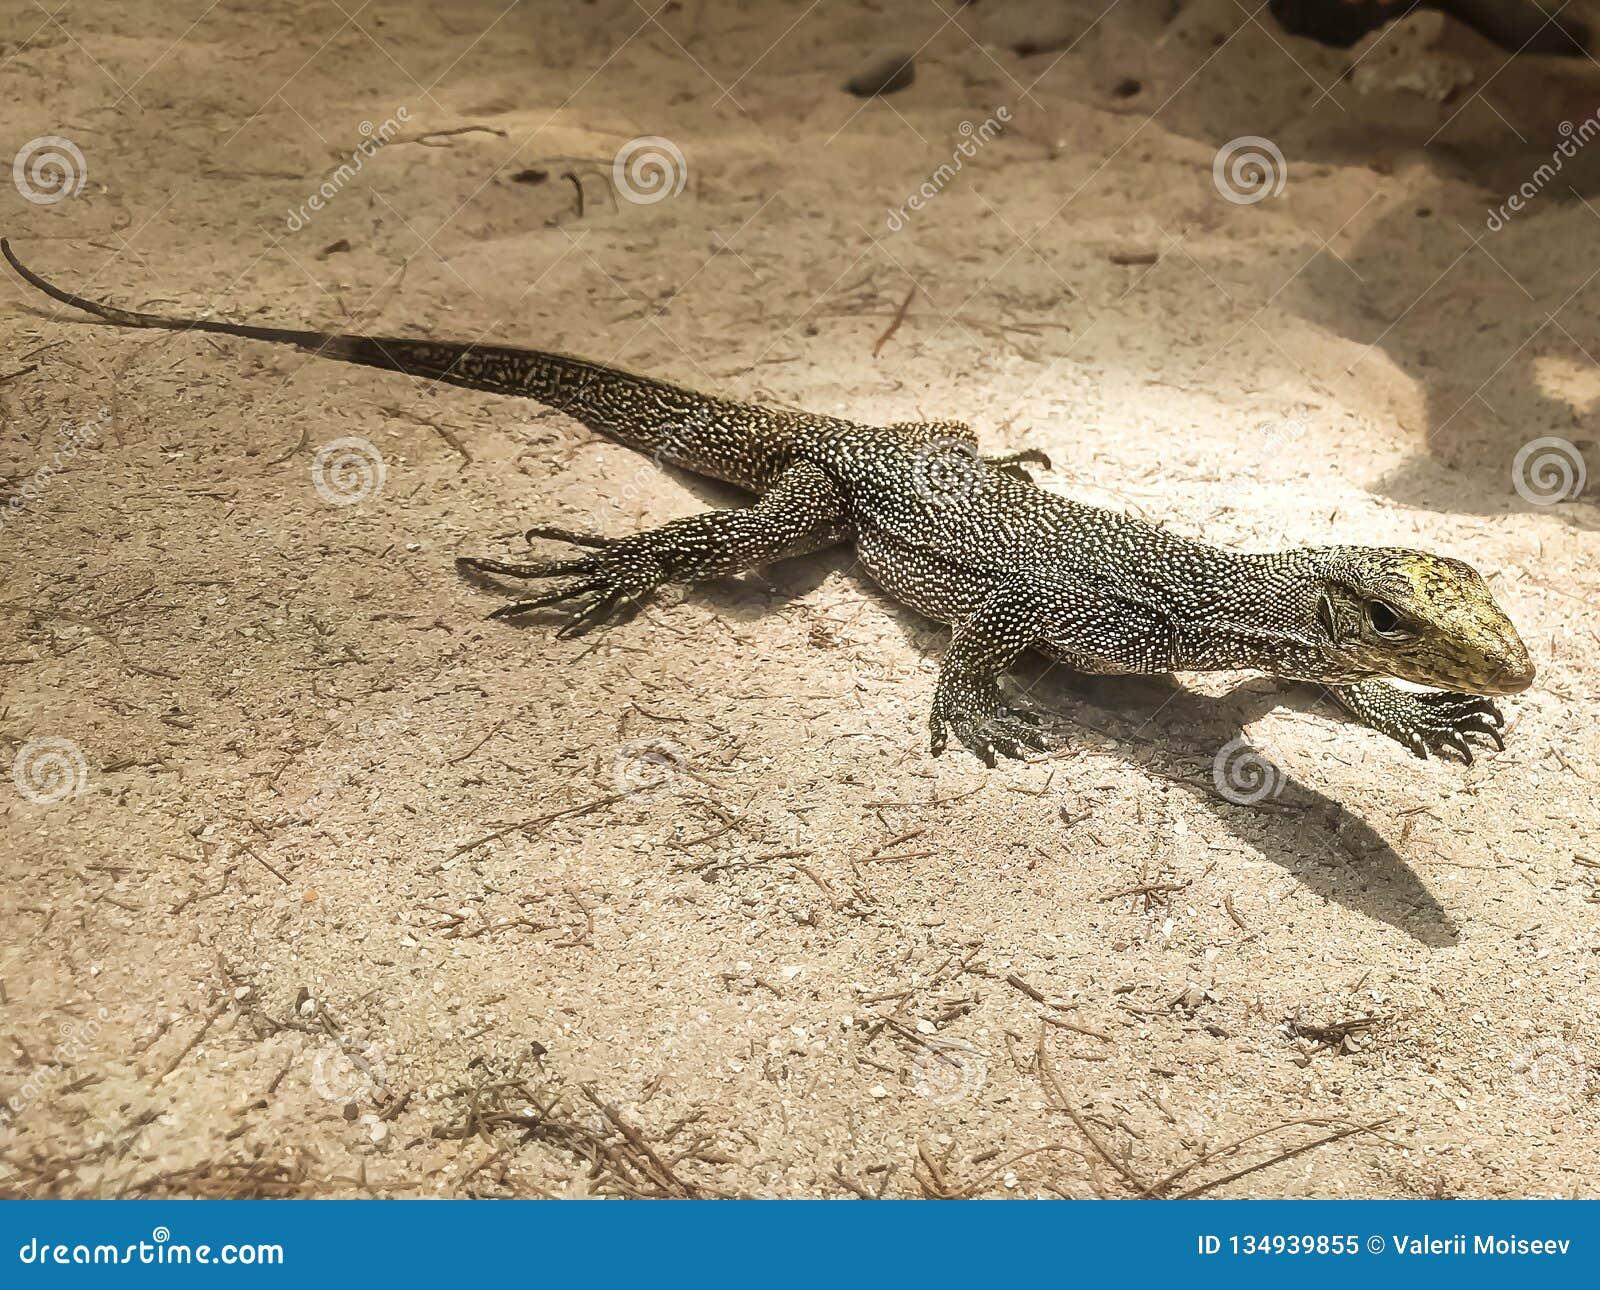 Retrato del lagarto de monitor vivo, varan en la tierra de la arena, Tailandia